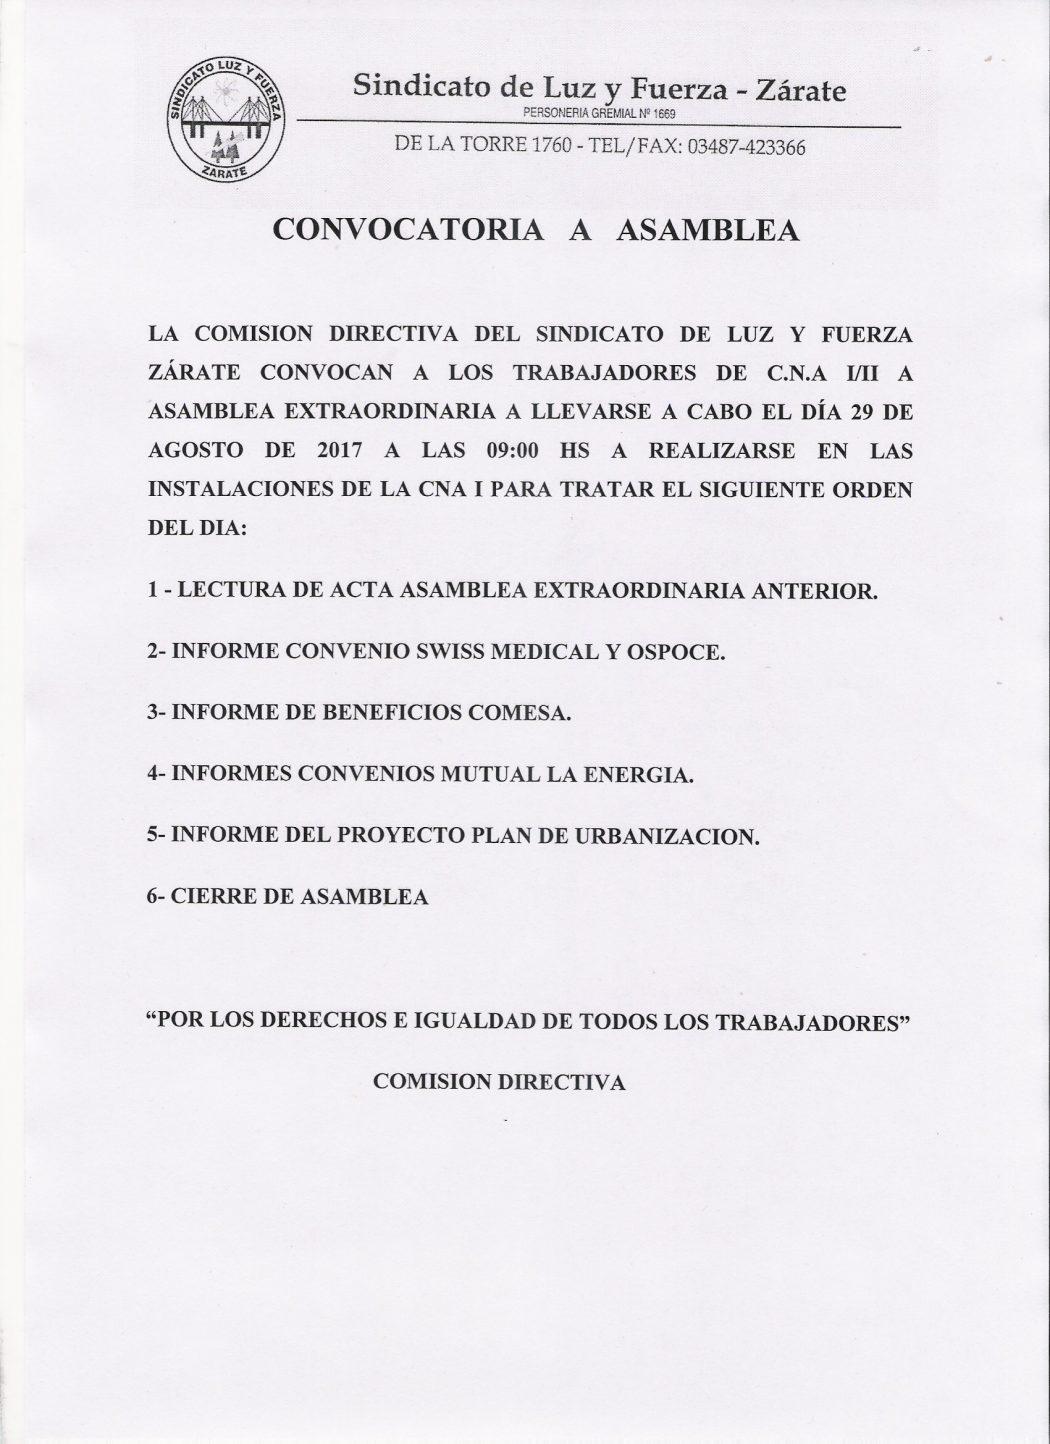 Comunicado Asamblea Atucha 29 08 2017